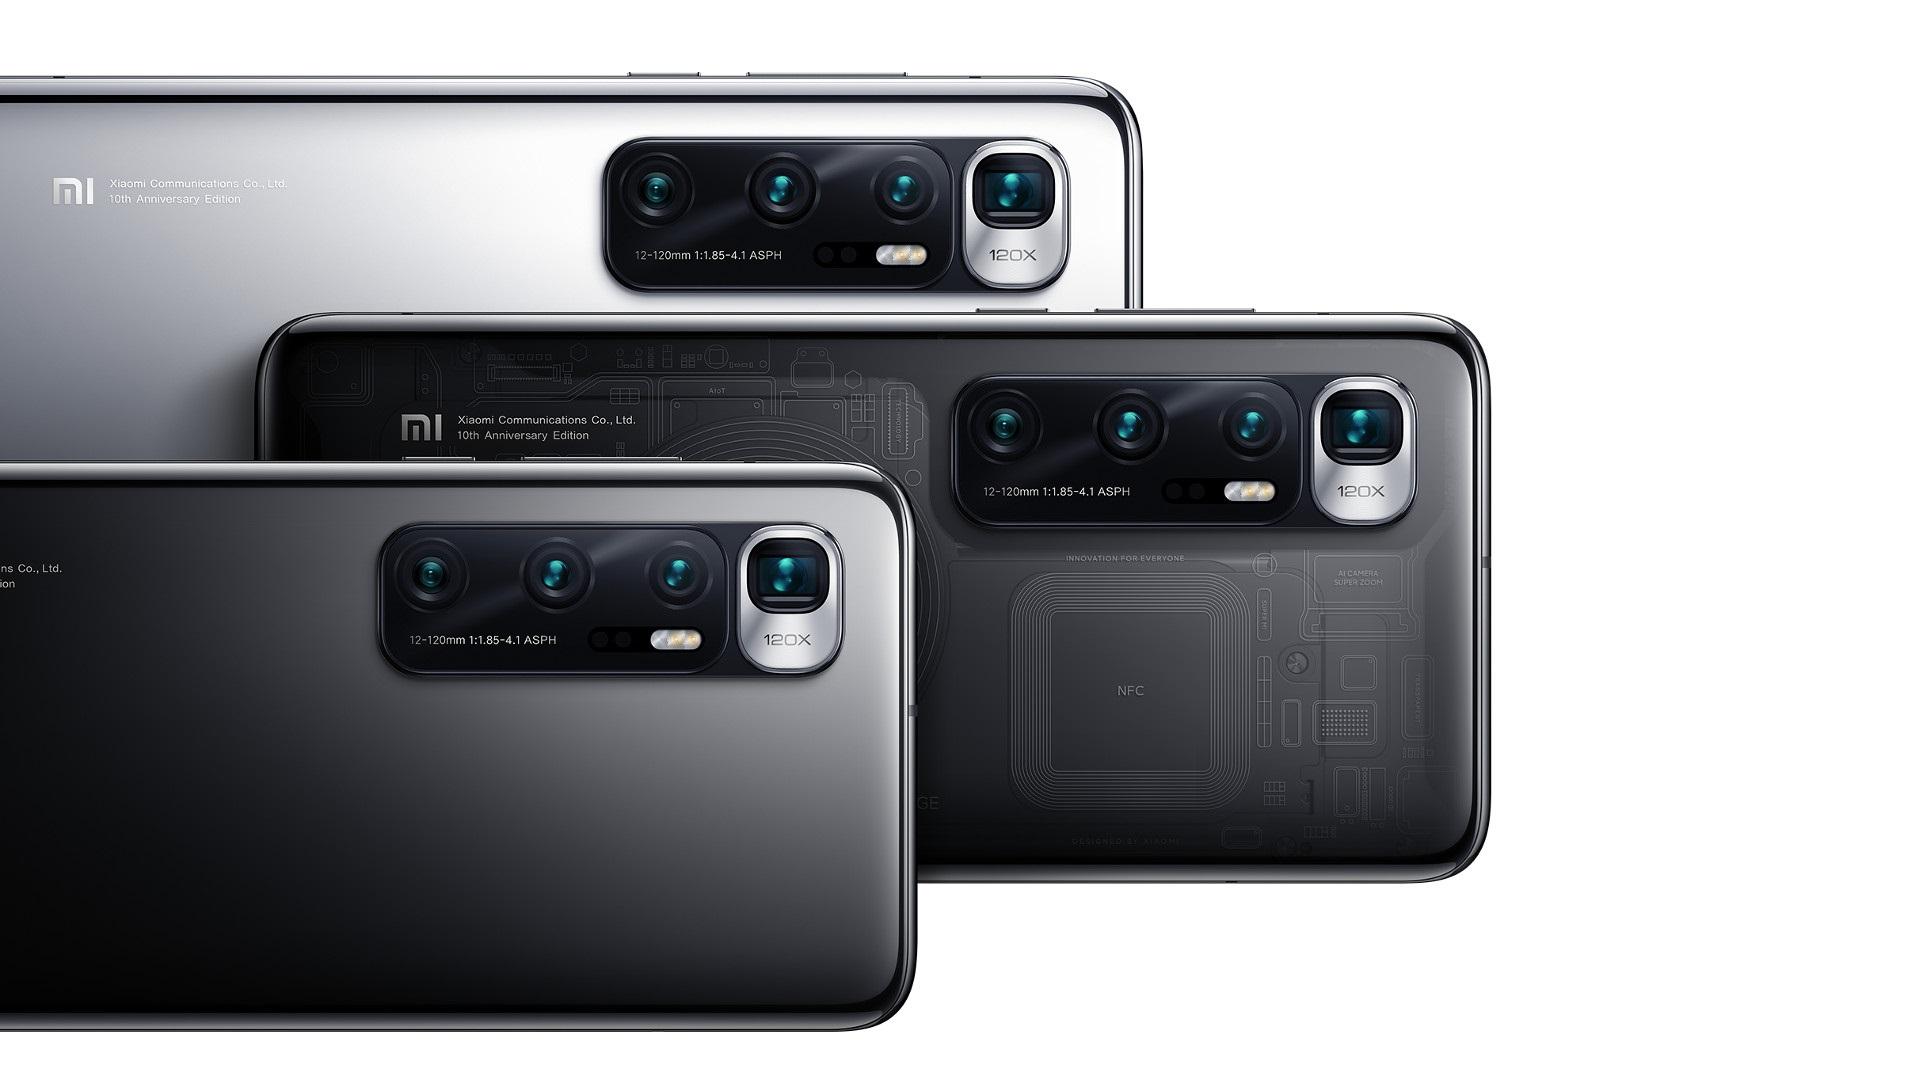 شاومي تحتفل بعشر سنوات على انطلاقها بهاتفي Xiaomi Mi 10 Ultra وRedmi K30 Ultra